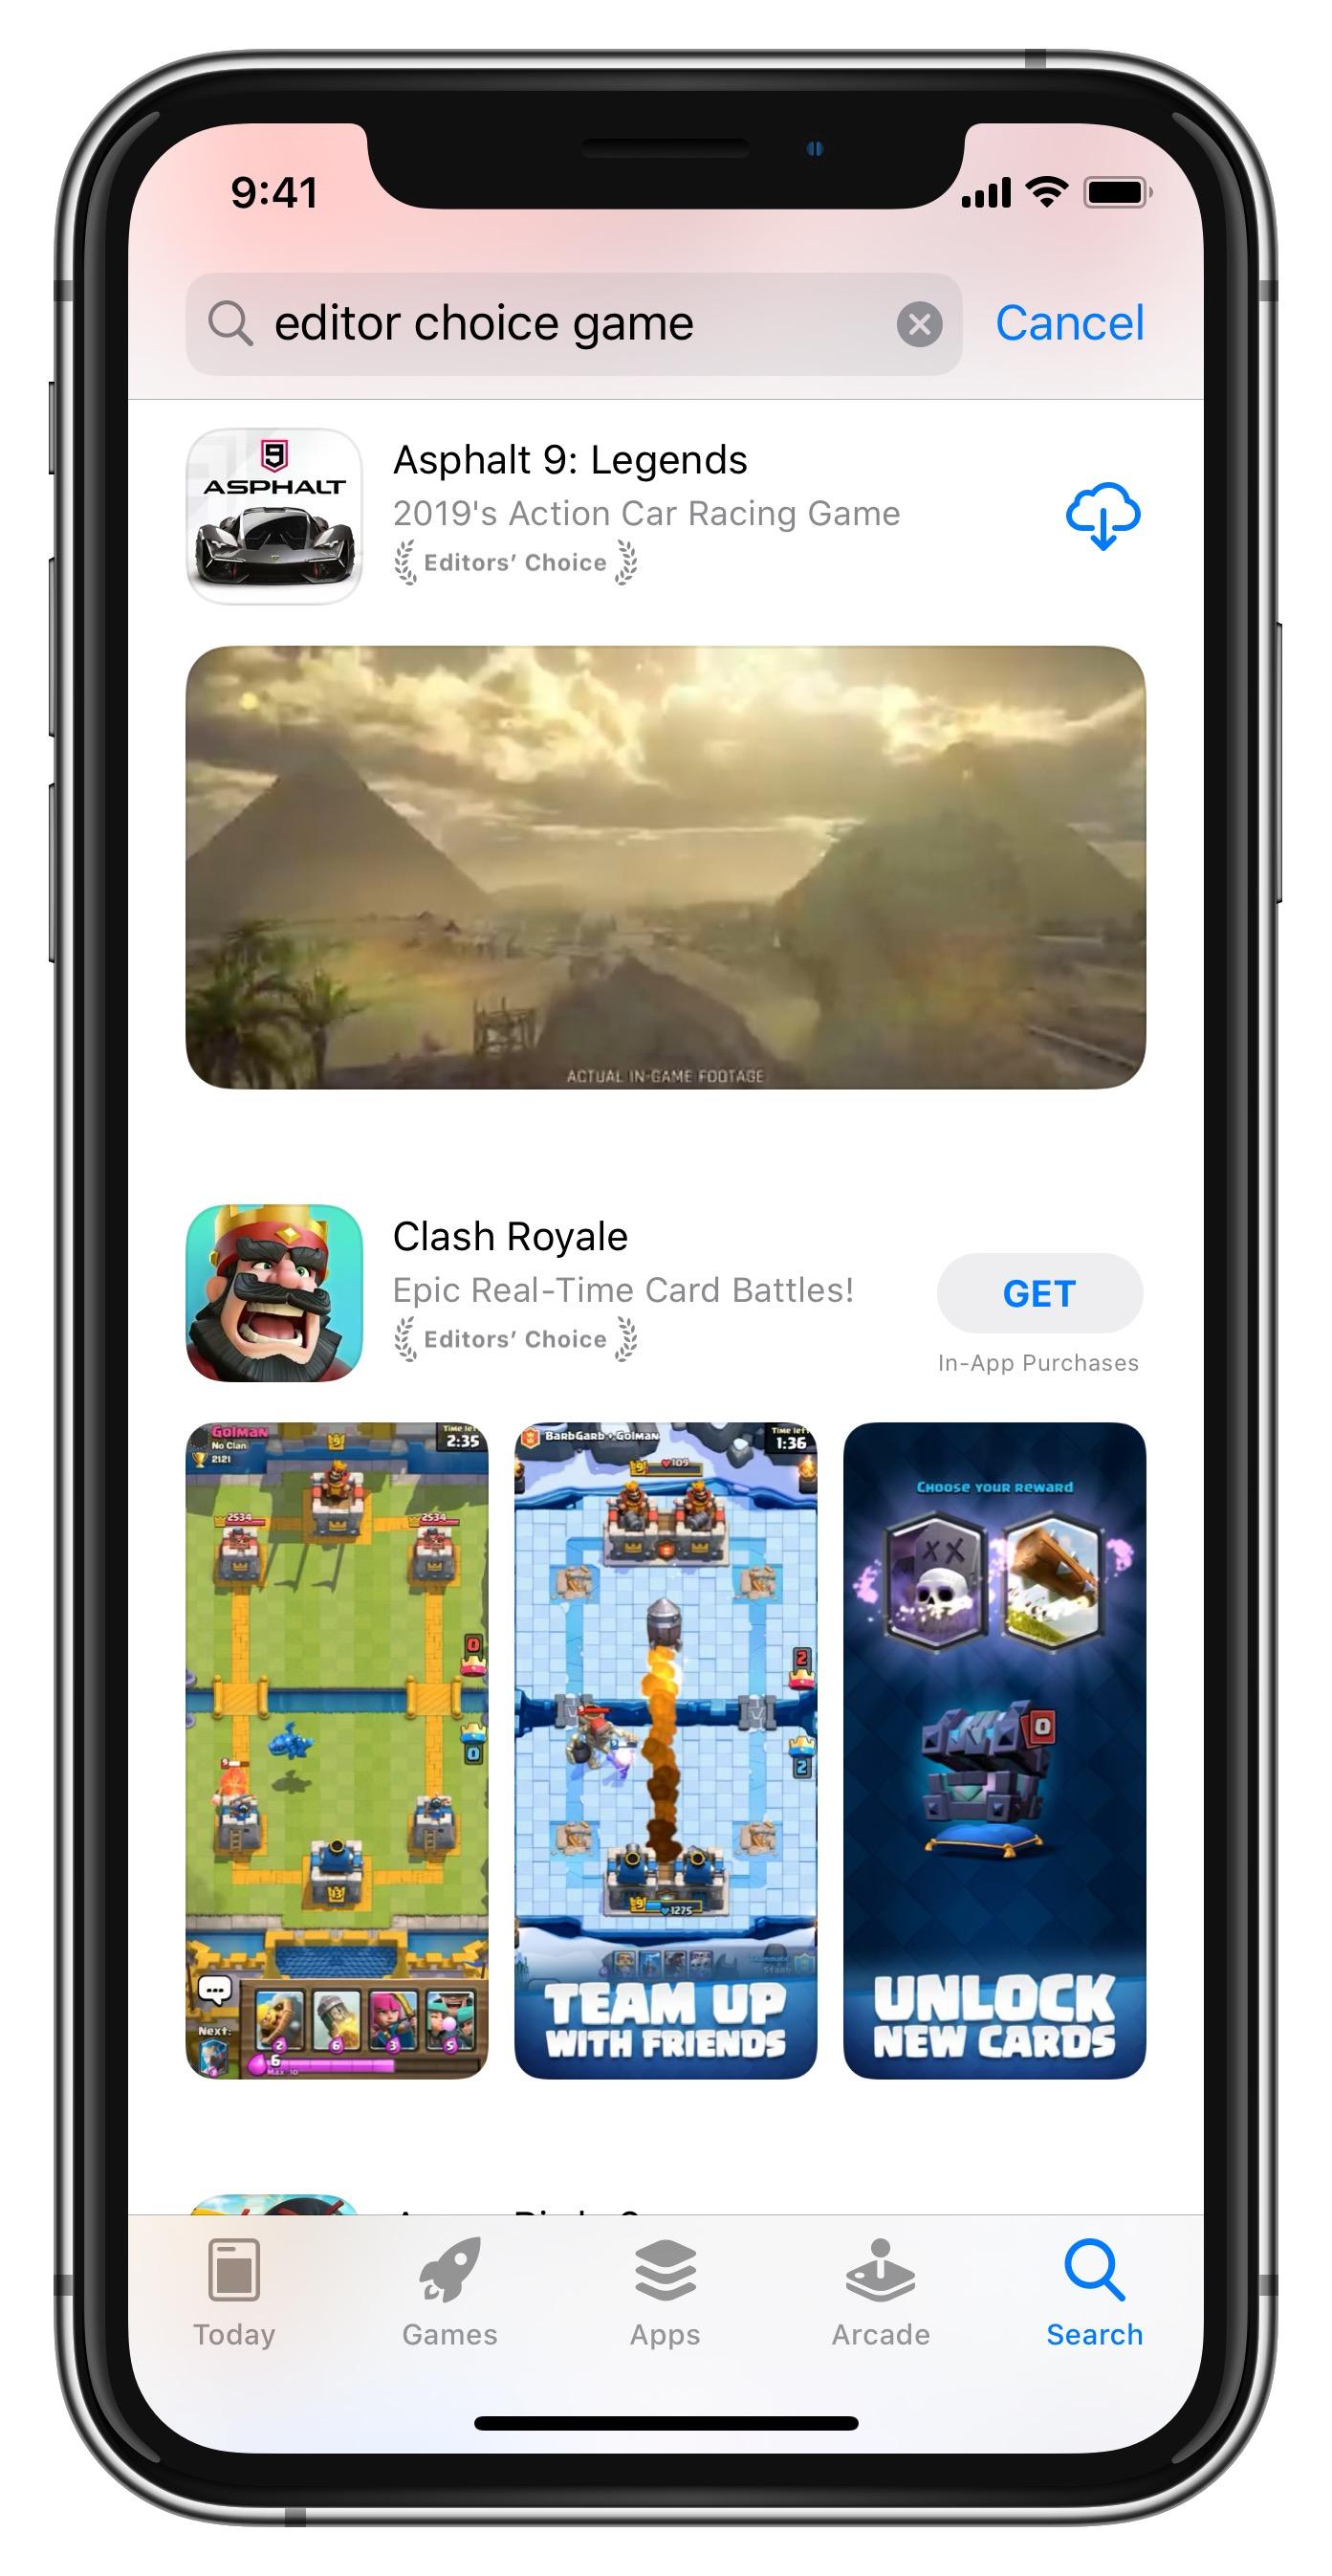 iOS 13 实用小技巧 | 如何在 App Store 搜索「编辑选荐」优质应用?